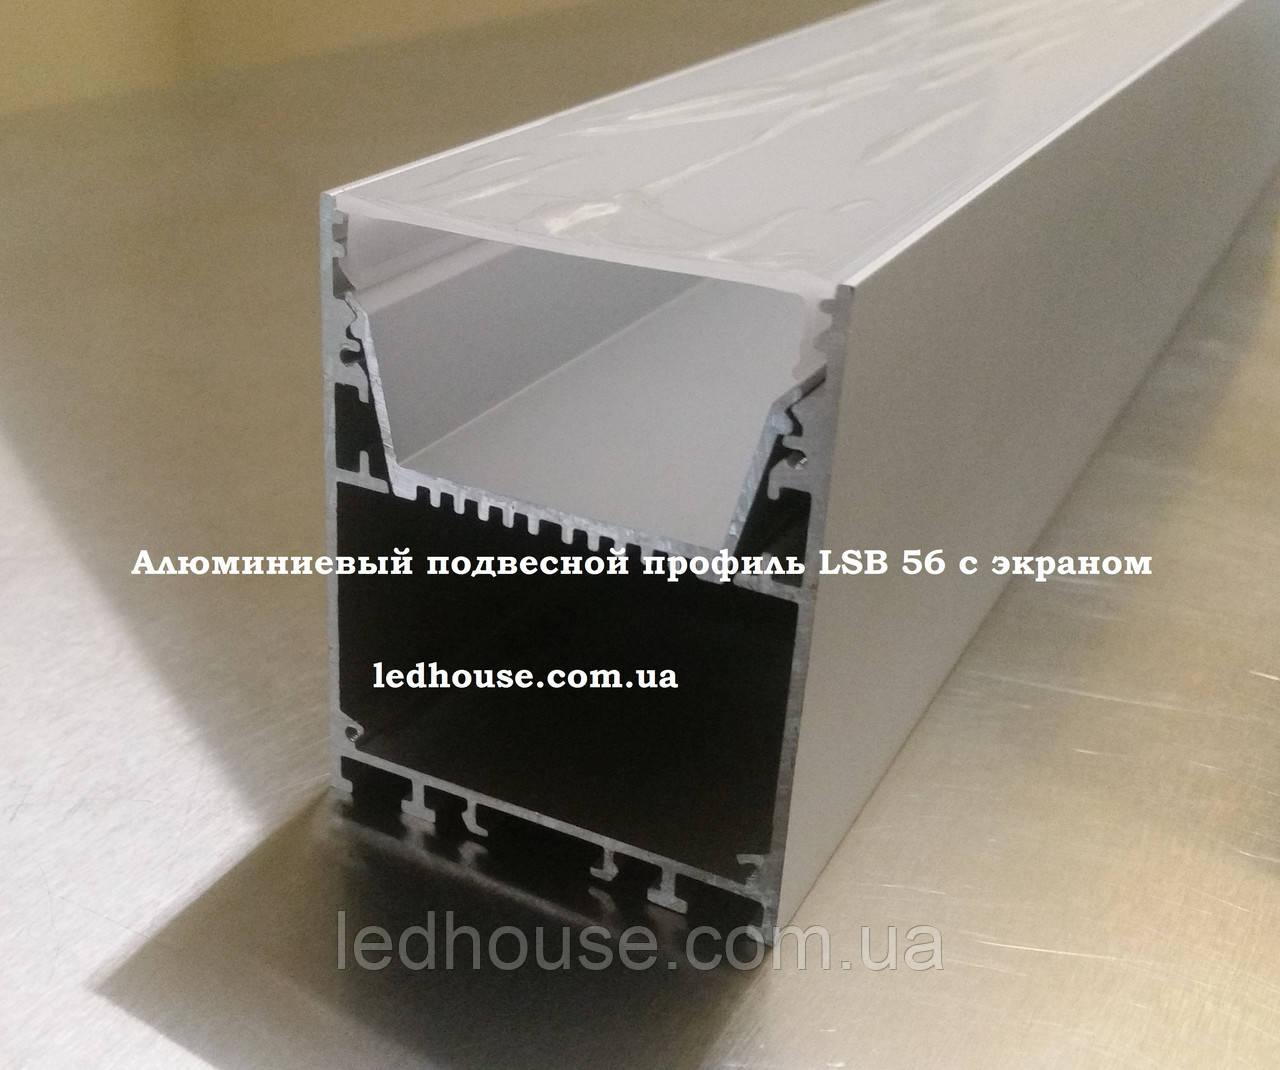 Алюминиевый подвесной профиль с экраном для светодиодной ленты